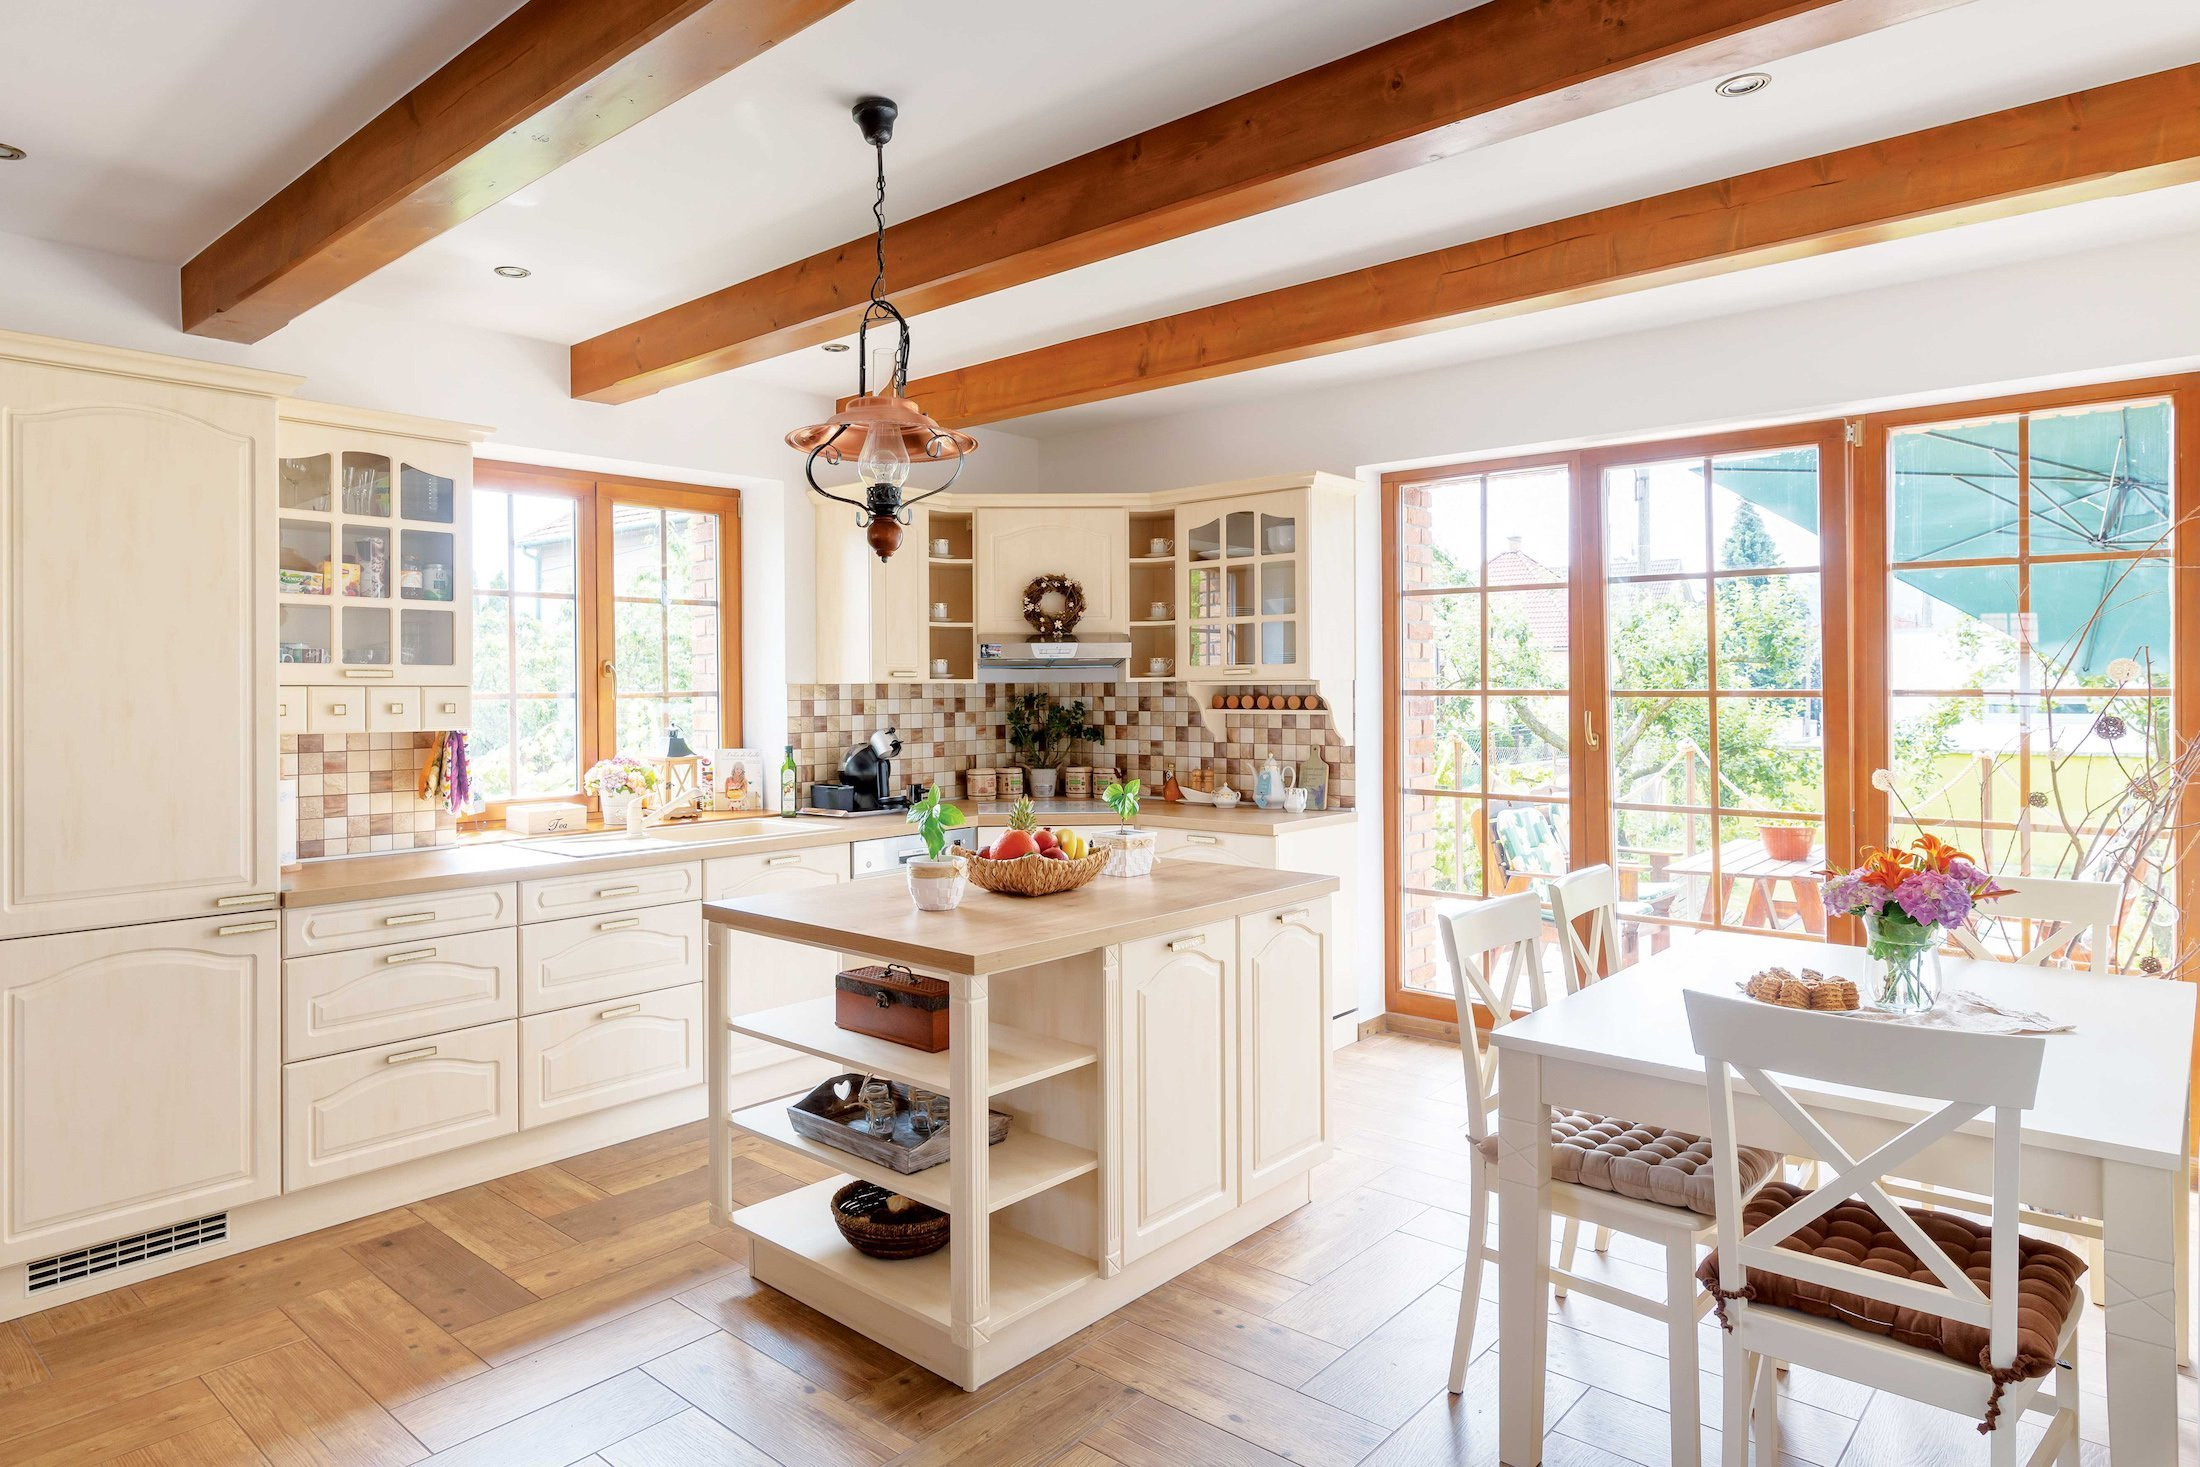 Půvabná kuchyně důmyslně propojená s jídelnou a obývacím pokojem se stala srdcem více než šedesátiletého domu, který si prošel rekonstrukcí od podlahy. Jako první místnost se proměnila právě kuchyně, které přestavba dopřála mnohem více prostoru a světla, než tomu bylo doposud. Kuchyně ve venkovském stylu upoutá pozornost návštěv a jistě jim dopřeje i skvělý gurmánský zážitek.